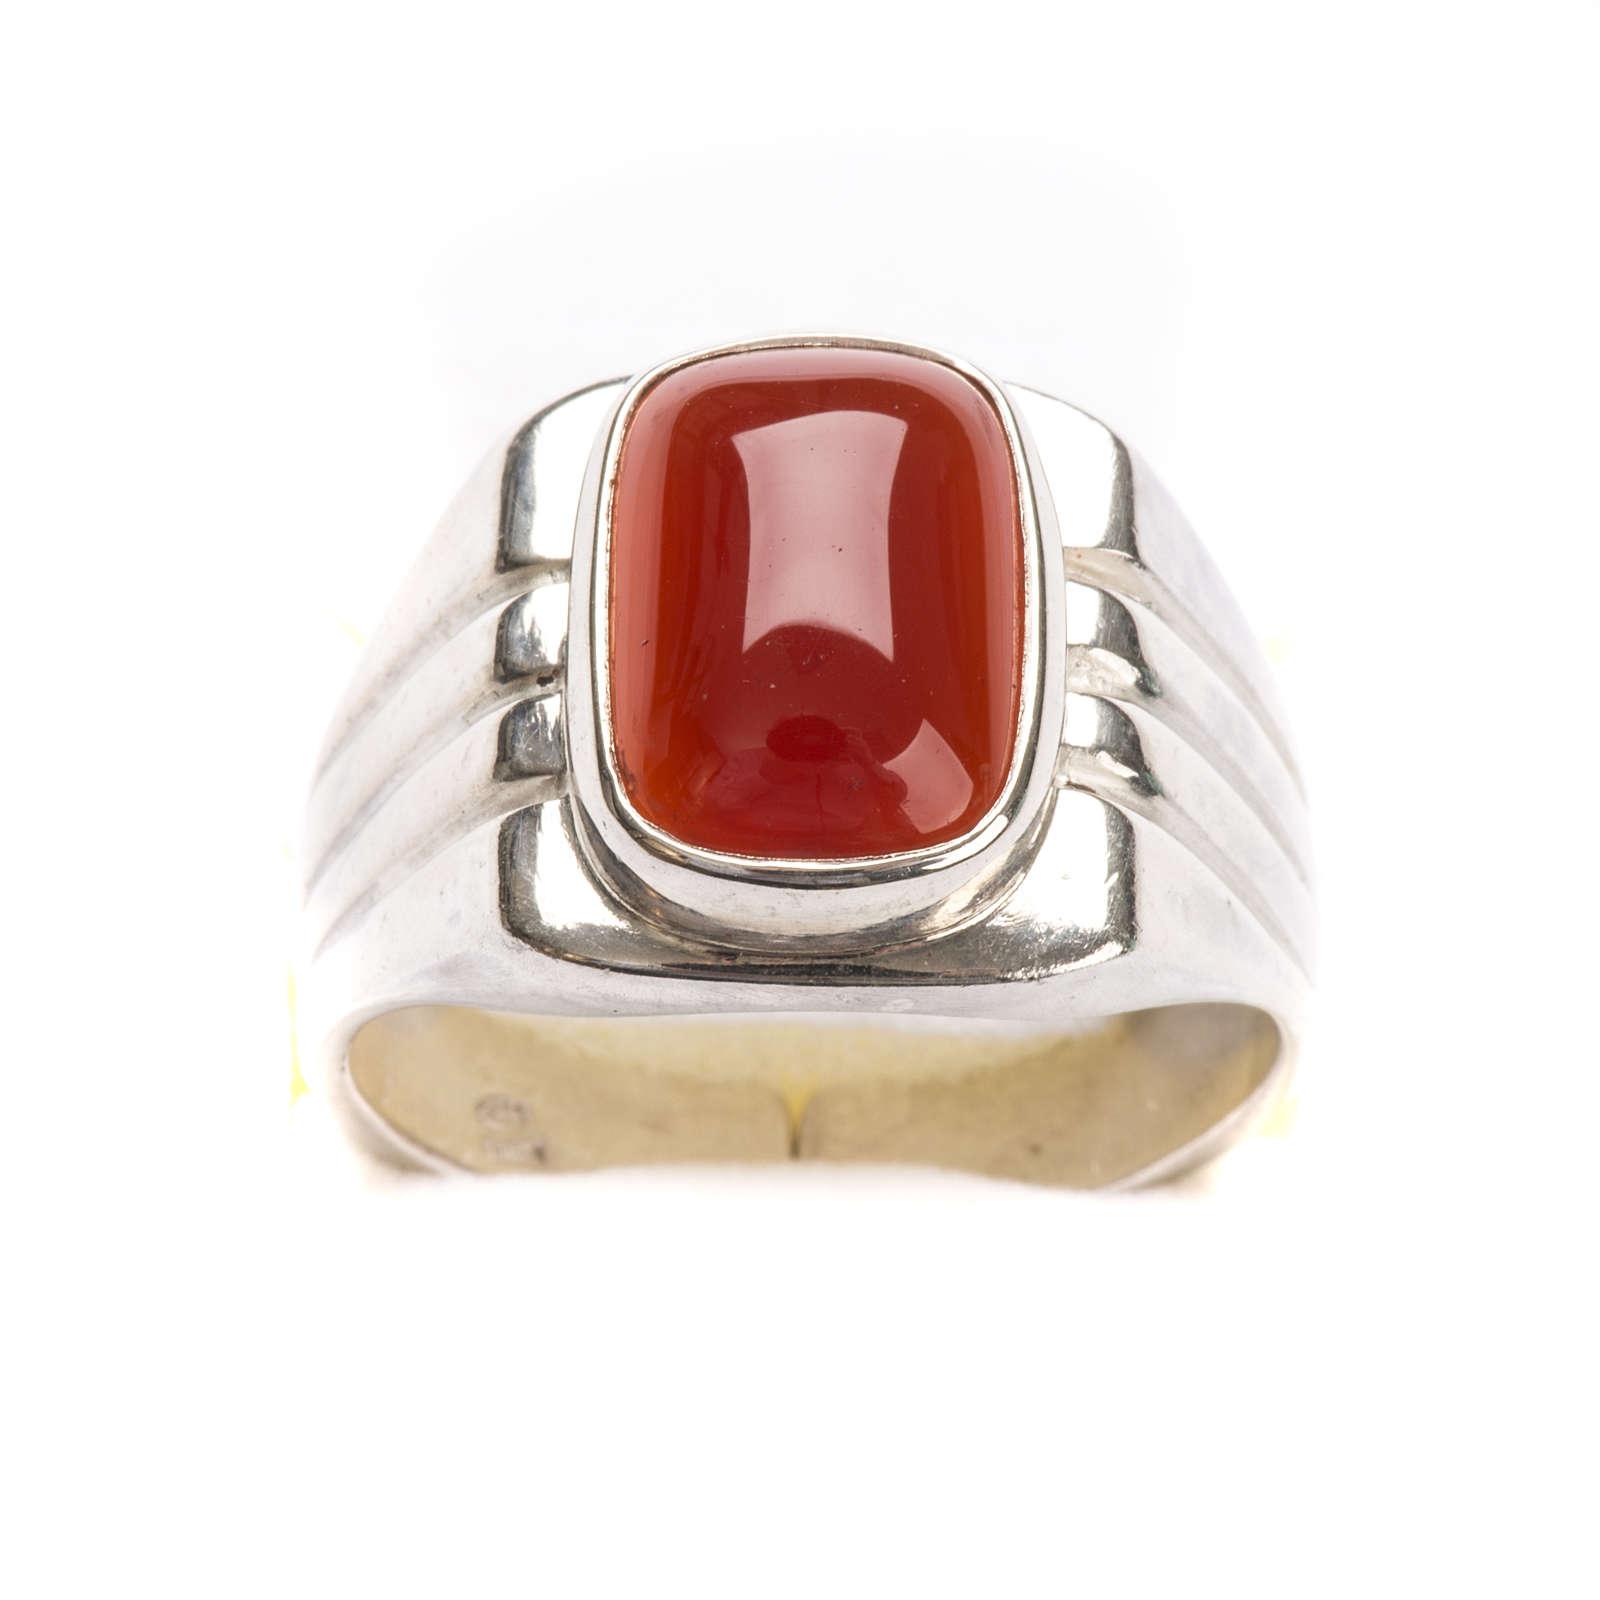 Anillo obispal de plata 925 con piedra roja cornalina. 3